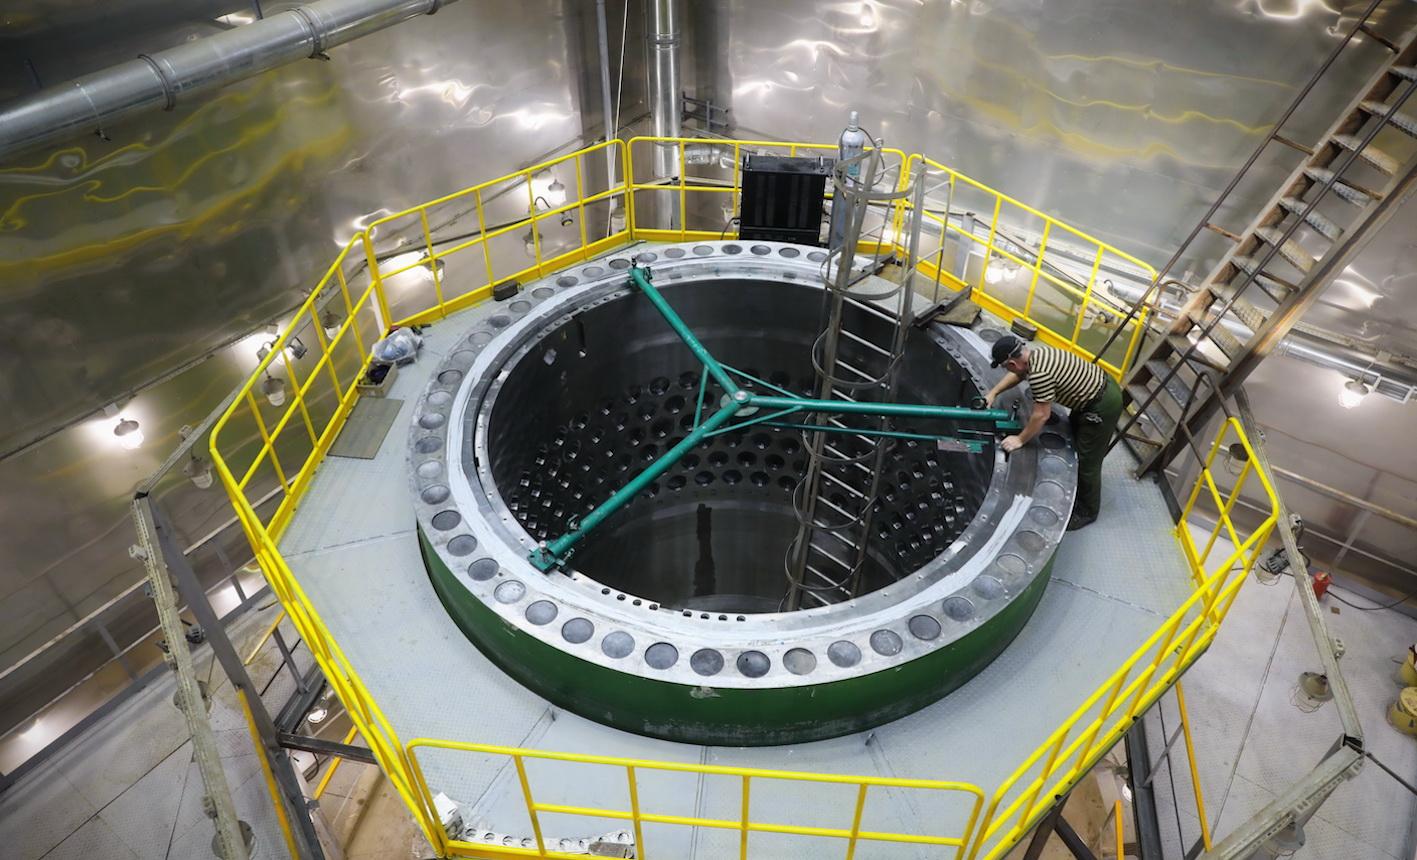 Akkuyu NGS'nin reaktör kontrol montajı başladı